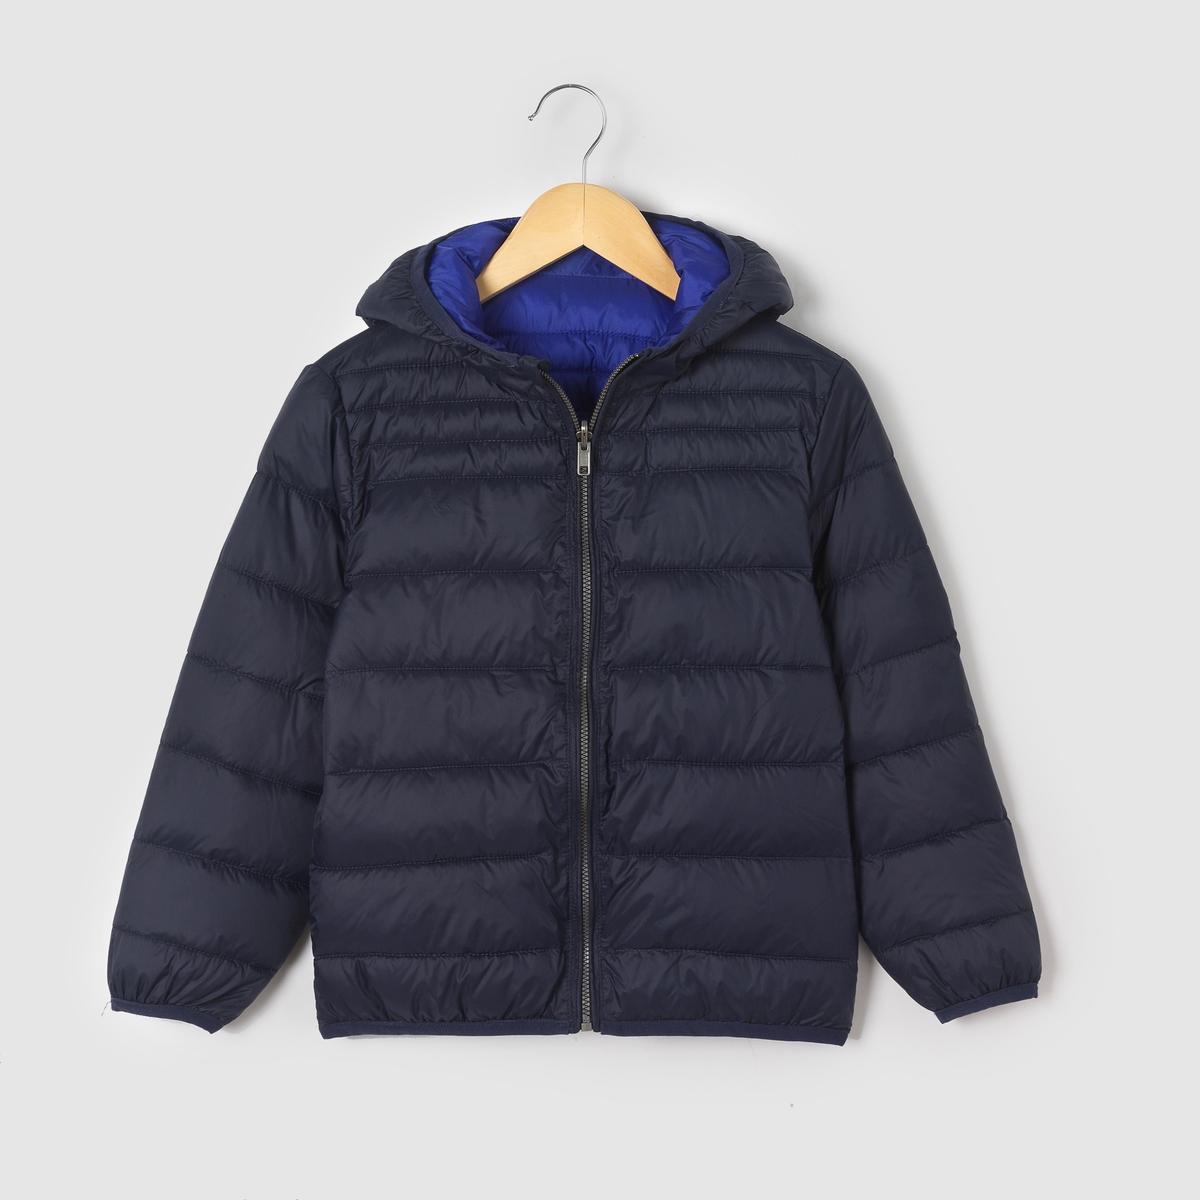 Куртка стеганая тонкая двухсторонняя с капюшоном, 3-12 летТонкая двухсторонняя стеганая куртка с капюшоном, на ватине и подкладке. Застежка на молнию. 2 кармана.             Состав и описание : Материал       100% переработанный полиэстер   Подкладка     100% переработанный полиэстерМарка        R essentiel  Уход :Машинная стирка при 30 °C с вещами схожих цветов.Стирать, предварительно вывернув наизнанку.Машинная сушка в умеренном режиме.Не гладить.<br><br>Цвет: камуфляж,темно-синий,черный/бордовый<br>Размер: 3 года - 94 см.8 лет - 126 см.12 лет -150 см.6 лет - 114 см.8 лет - 126 см.10 лет - 138 см.12 лет -150 см.4 года - 102 см.12 лет -150 см